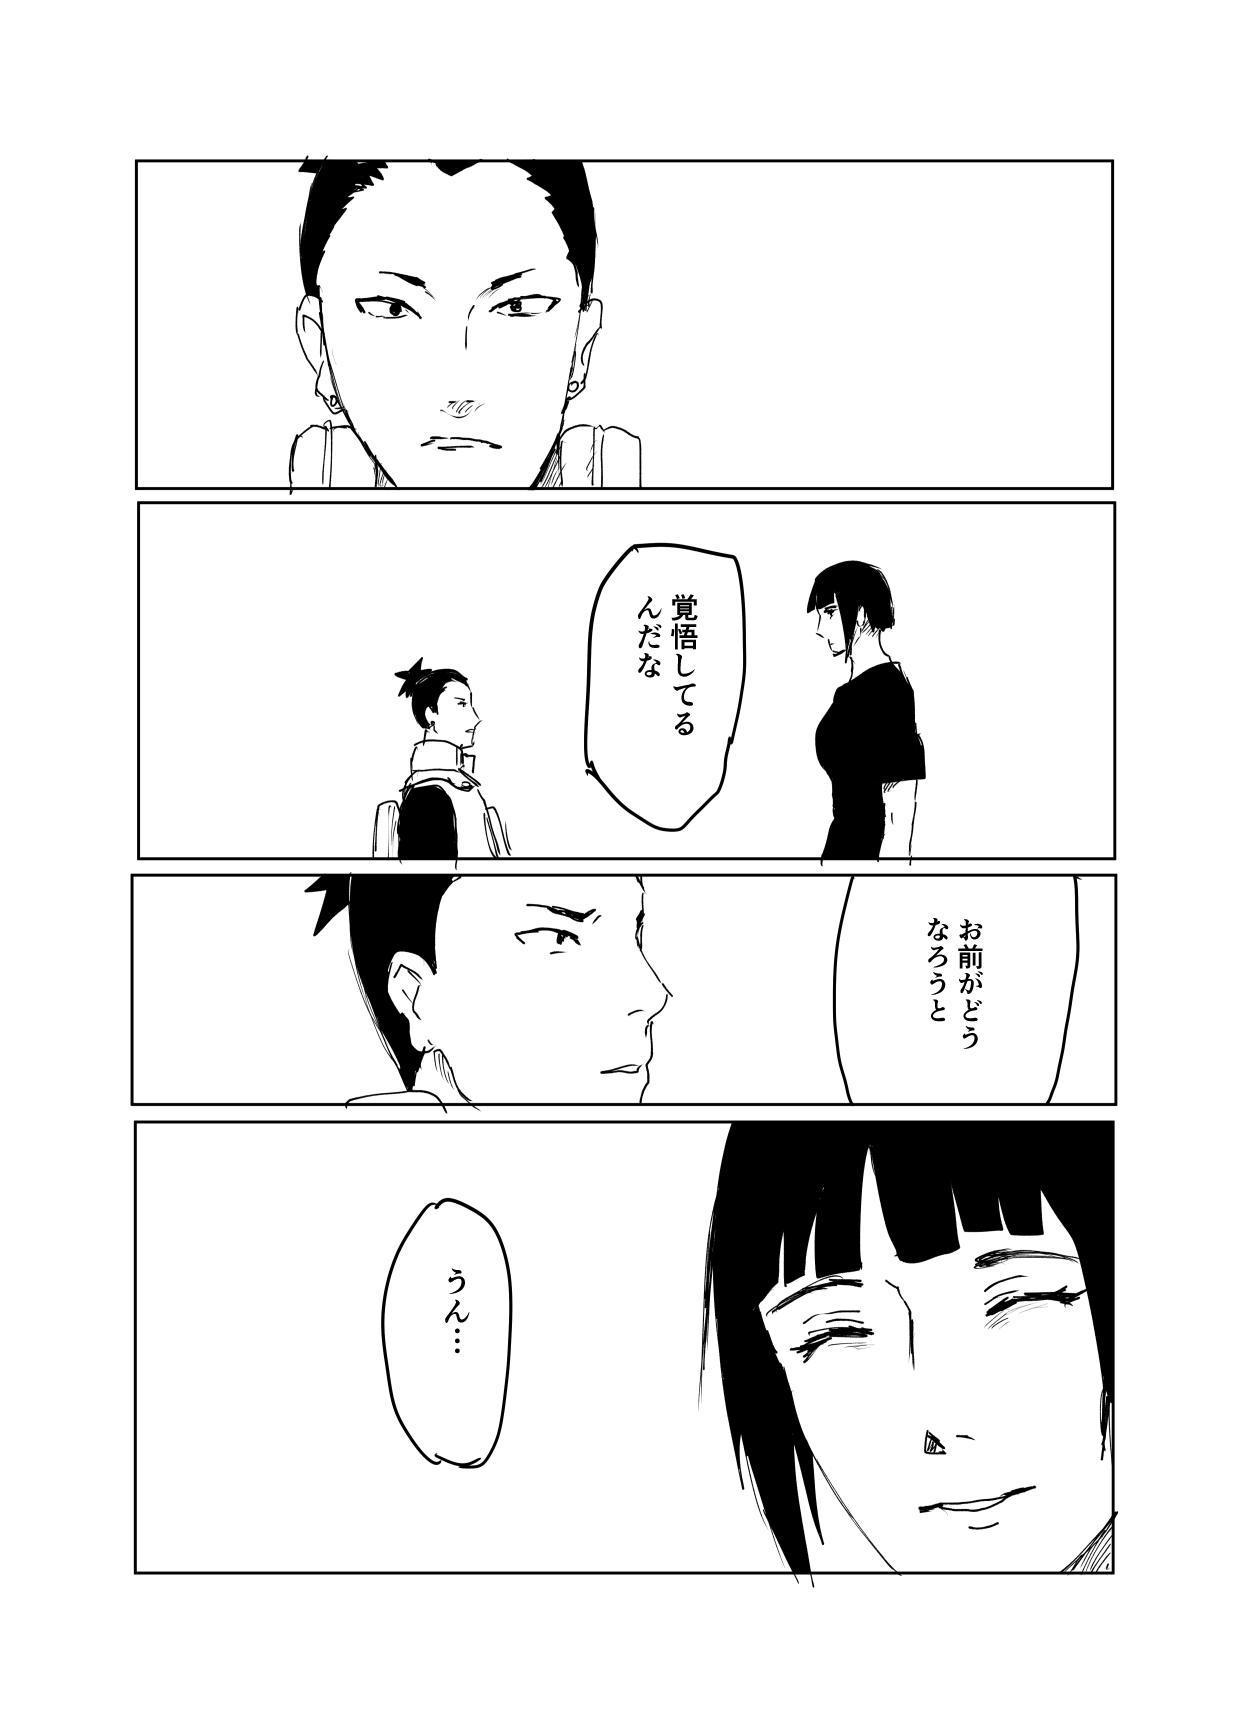 嘘告白漫画 102